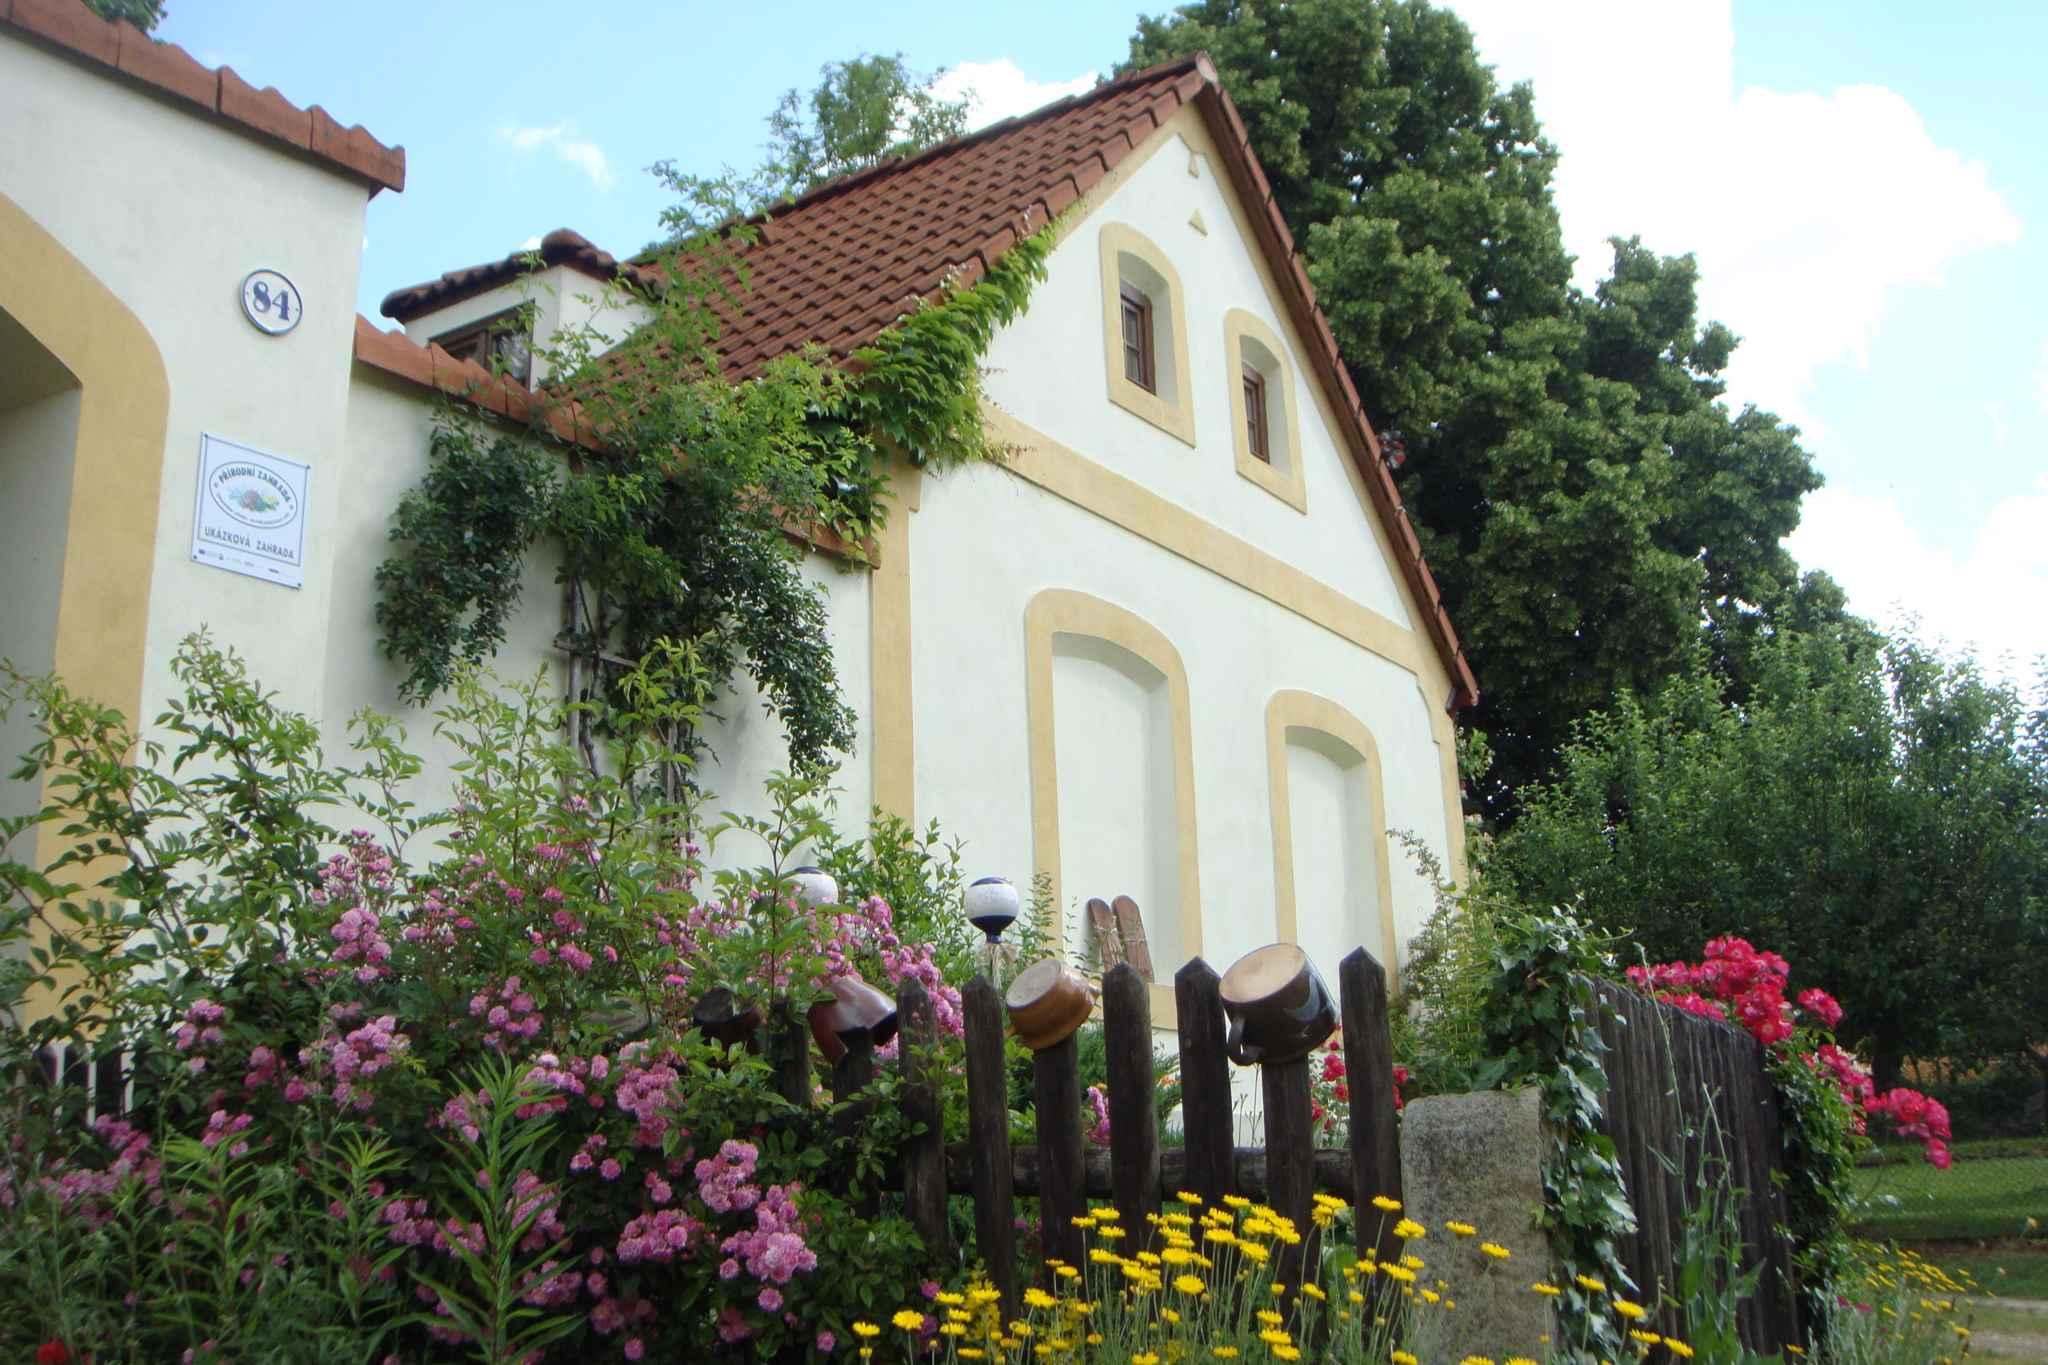 Ferienhaus mit stilvoller Einrichtung